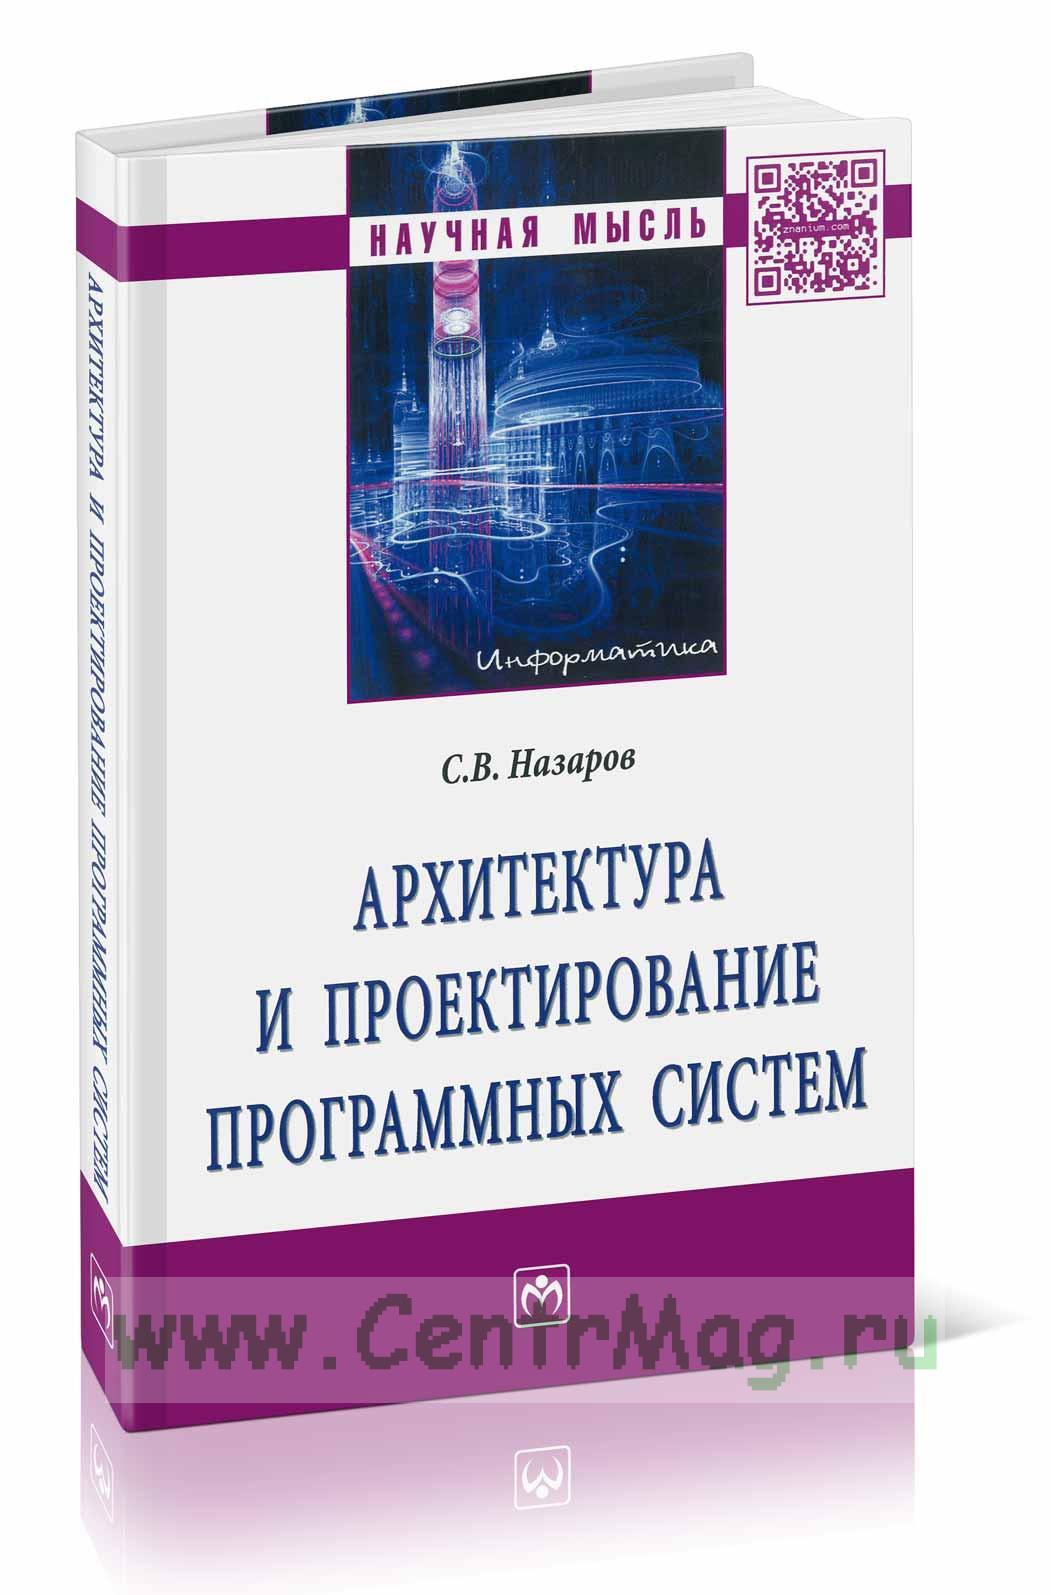 Архитектура и проектирование программных систем: монография (2-е издание, переработанное и дополненное)